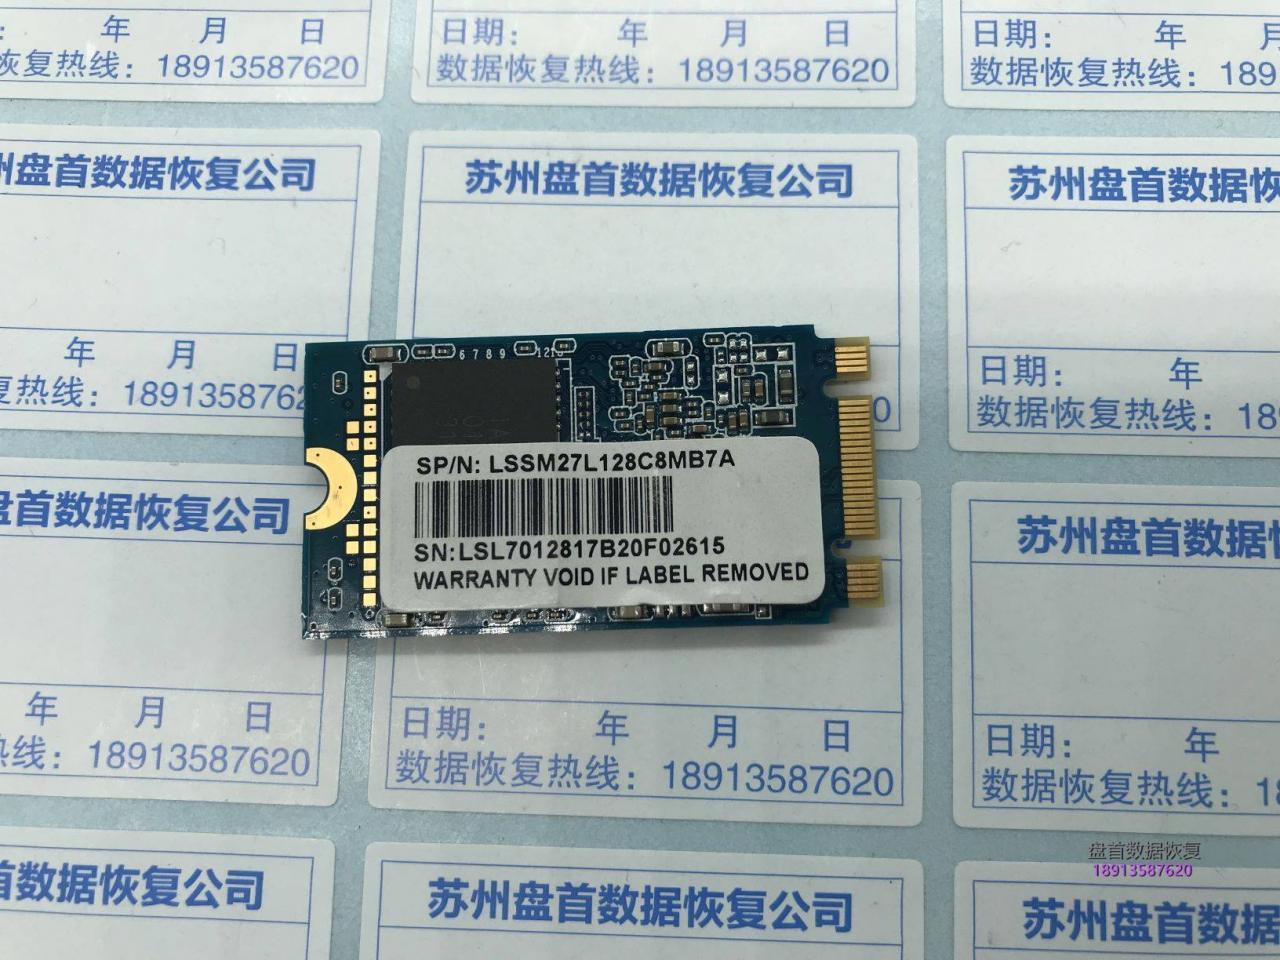 联想SL700固态硬盘显示SATAFIRM S11无法读取PS3111主控数据恢复成功